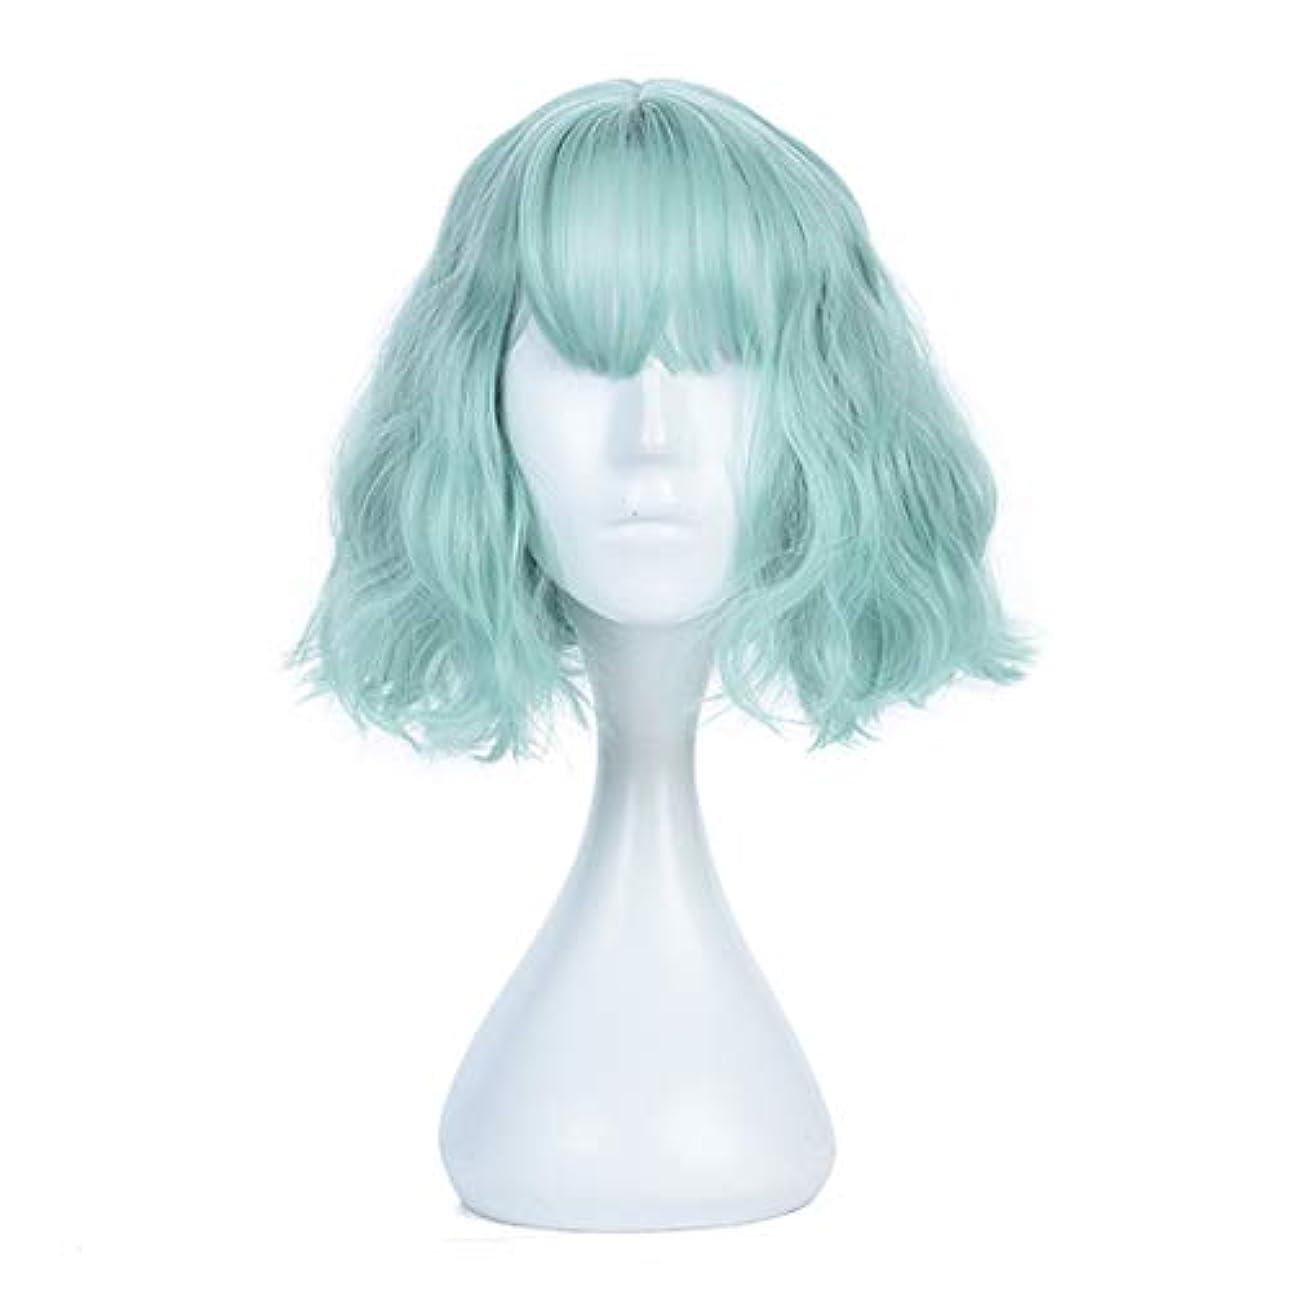 そう恥ずかしさ姉妹YOUQIU 女性のかつらのためのフラット前髪コスプレ衣装デイリーパーティーウィッグと12インチ女子ショートボボ髪カーリーの合成 (色 : Blonde light Green, サイズ : 12